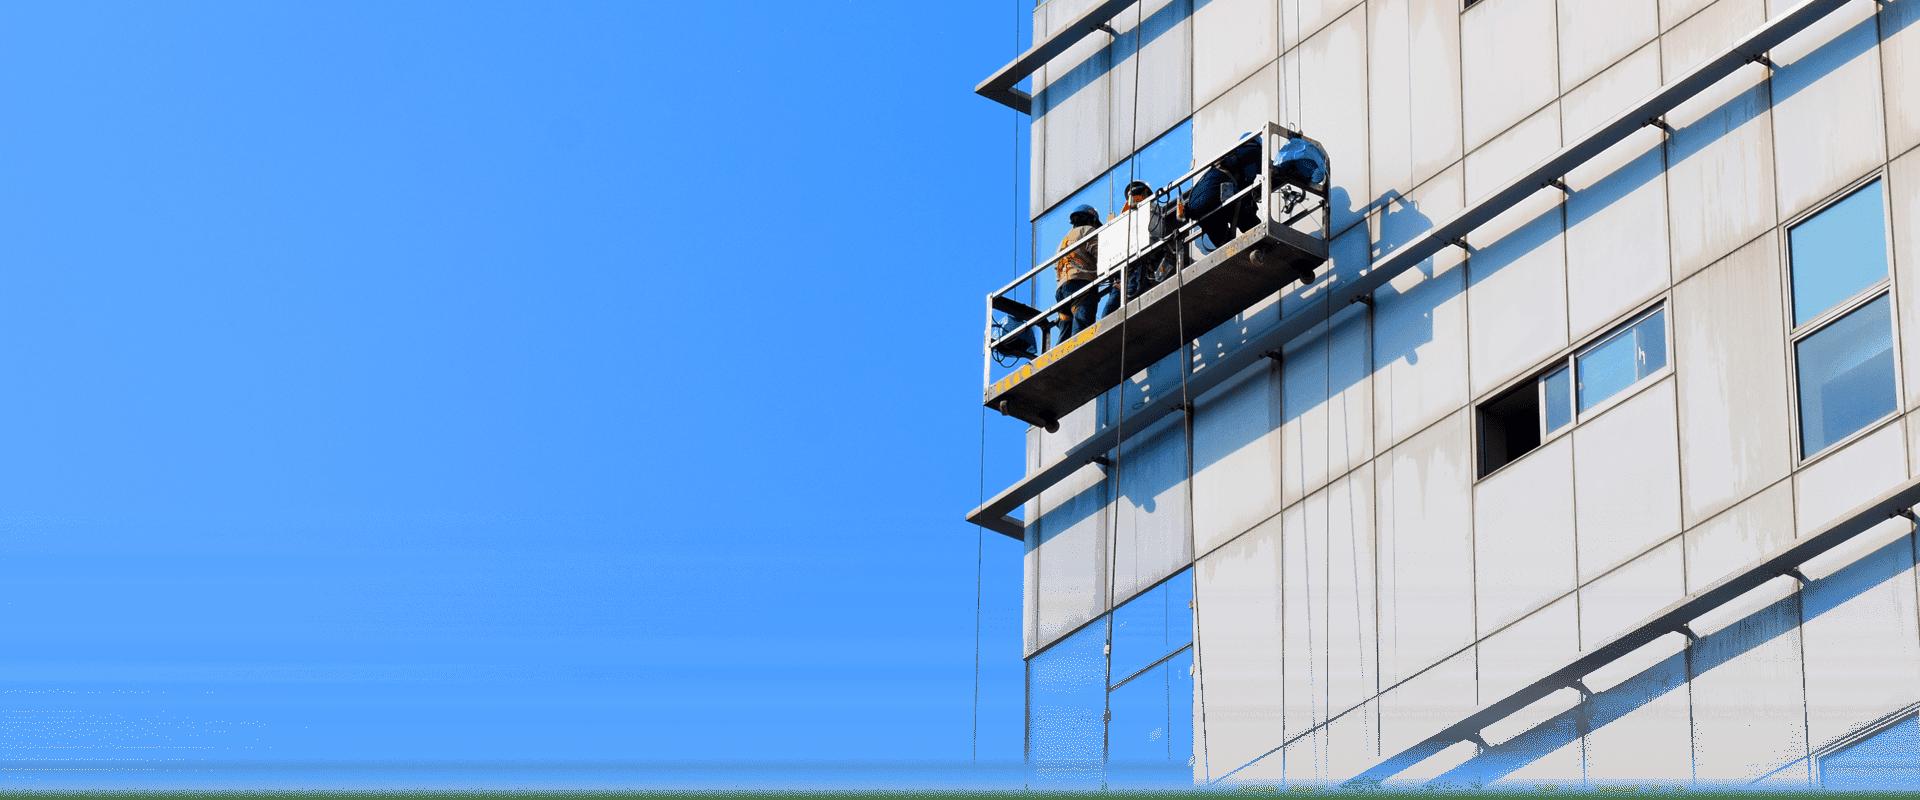 吊籠 洗窗機 是松和的主要業務,租賃或買賣均歡迎洽詢,吊籠與洗窗機的後續維修與使用上的教育訓練相關的服務。吊籠的製造、販賣、維修以及吊掛的設計、吊籠的租賃為主要經營項目。專業吊籠出租、吊籠洗窗機製造租賃、吊籠高樓外牆專業清洗,各廠牌吊籠精修、吊籠保養、吊籠代辦檢驗、吊籠無架施工平台、吊籠教育訓練、吊籠環境消毒等